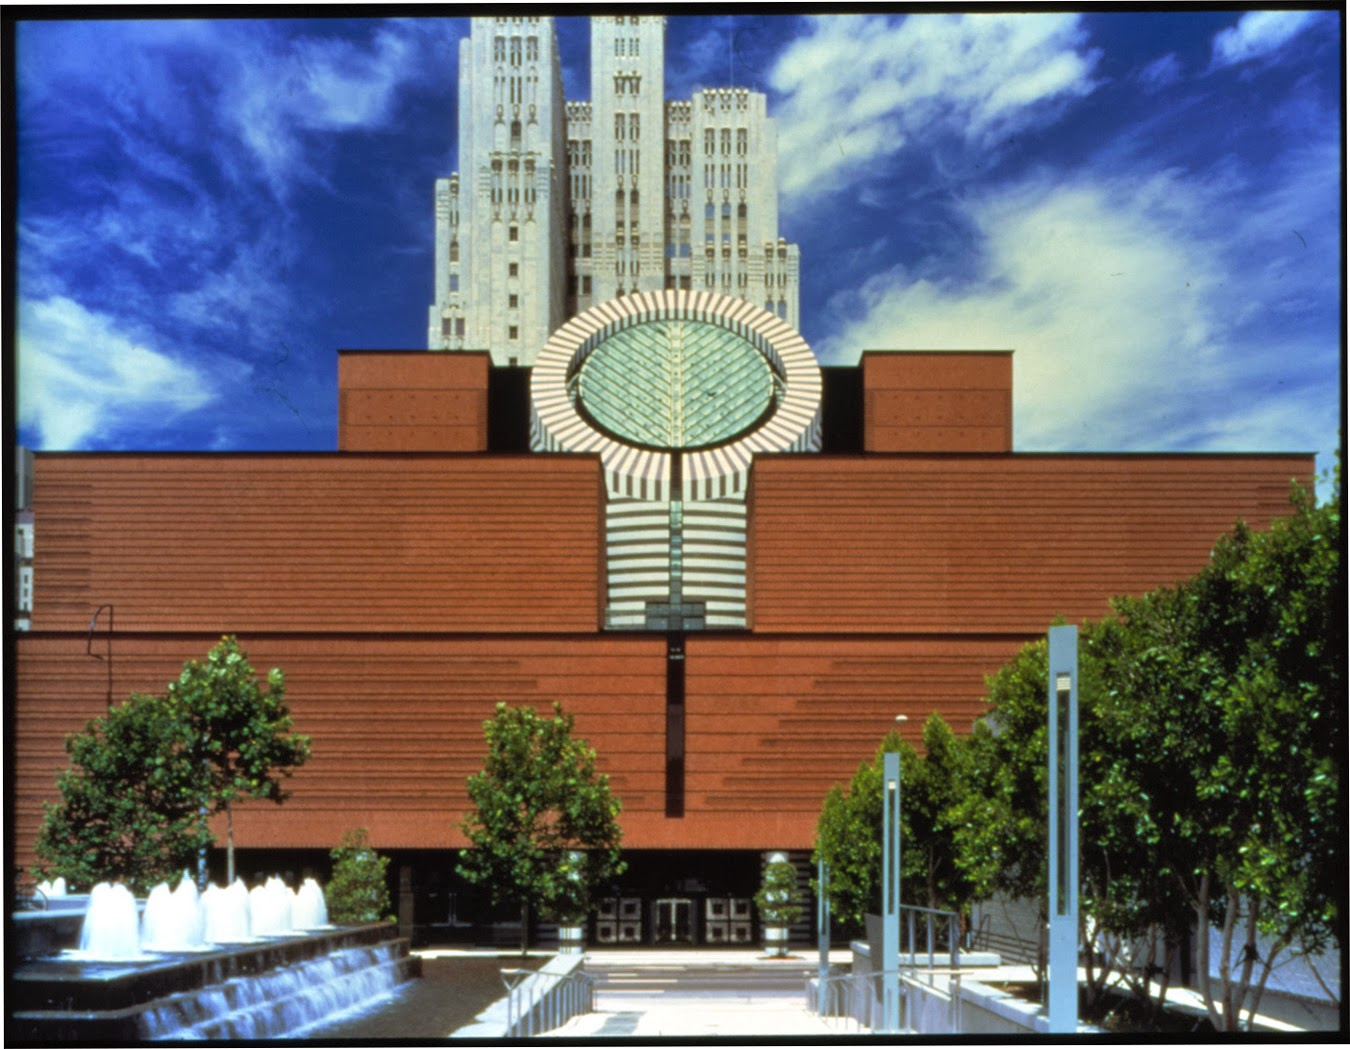 Museo de arte moderno de san francisco san francisco for San francisco contemporary art museum